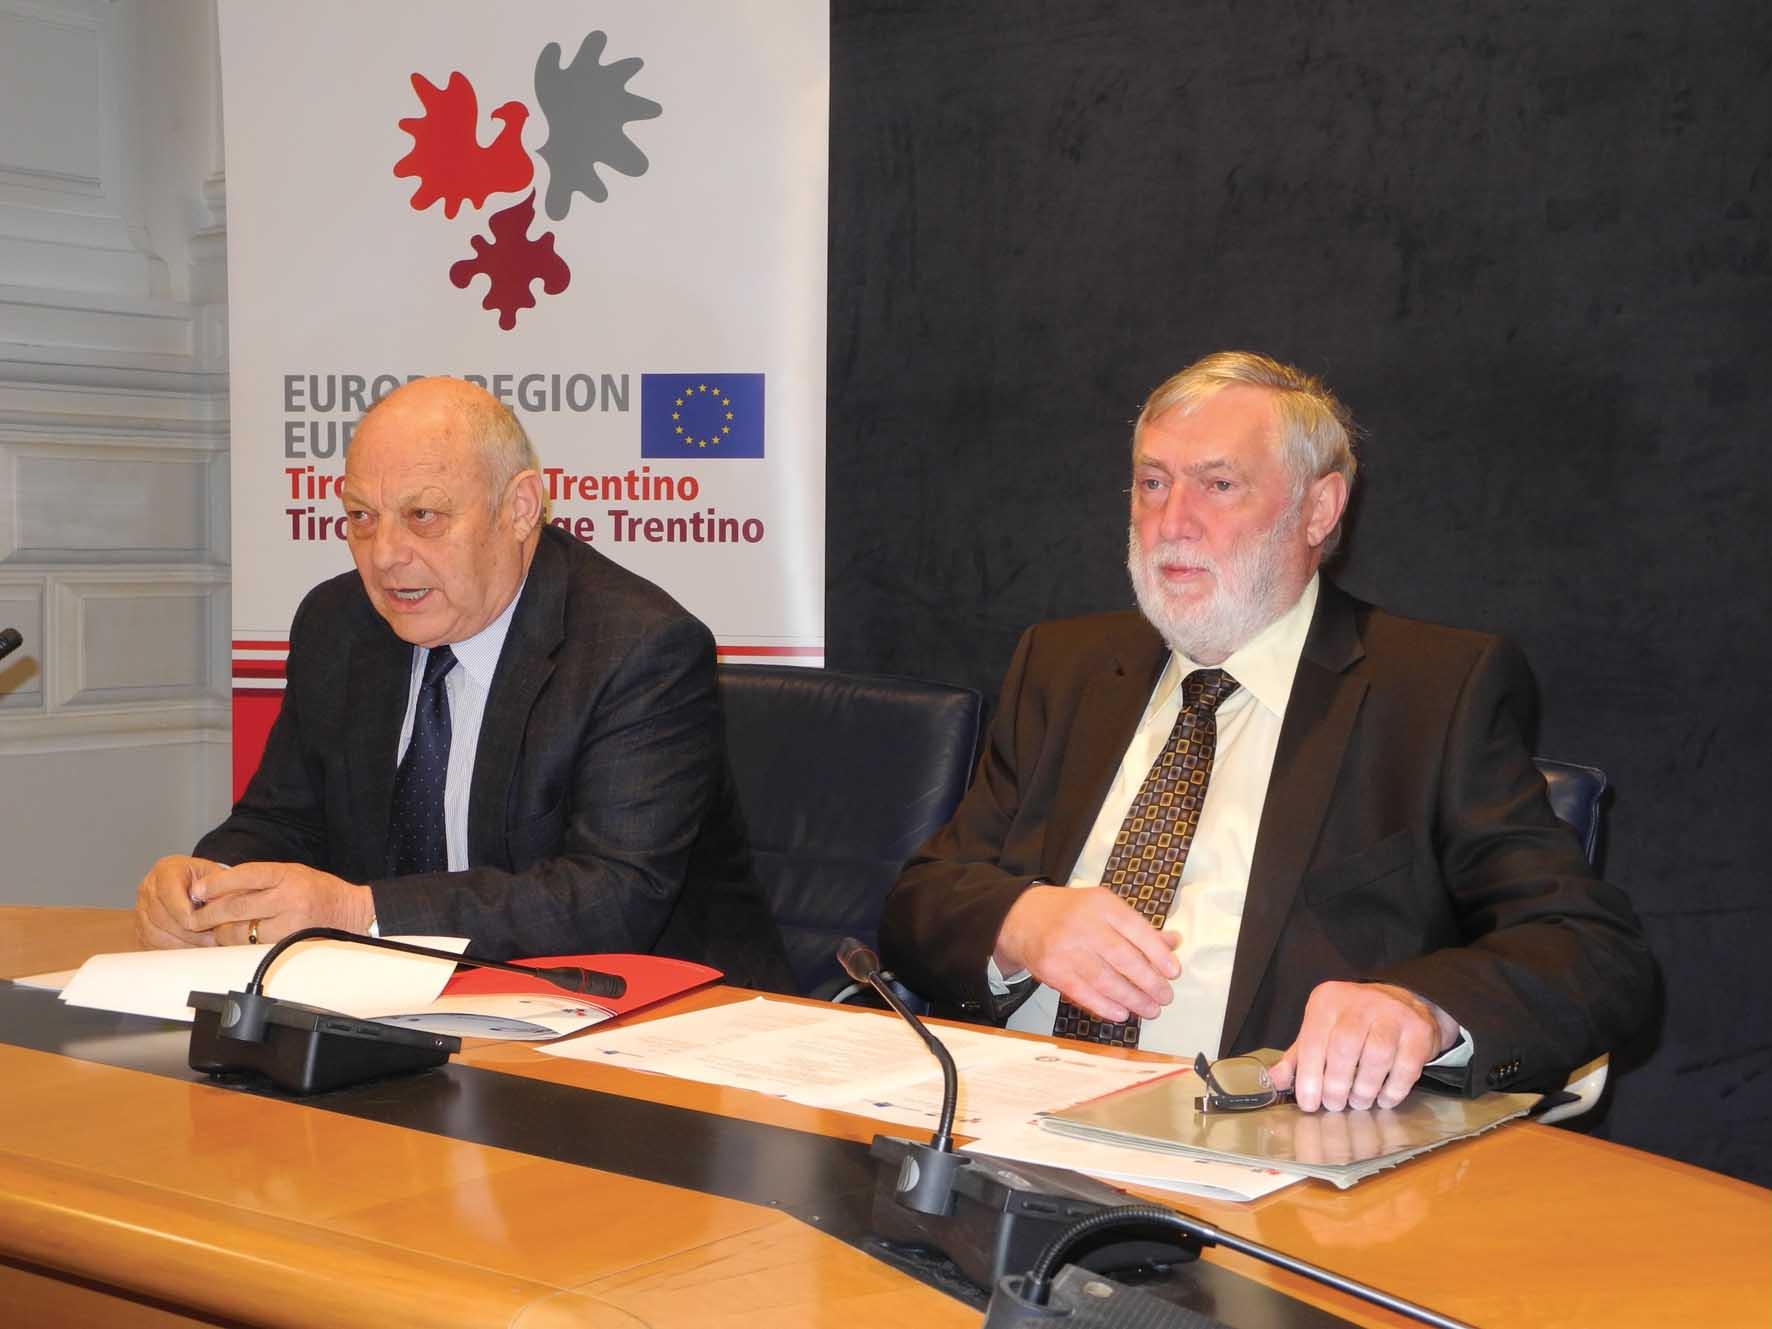 PAB luis Durnwalder Franz Fischler giornata euregio forum alpbach 1